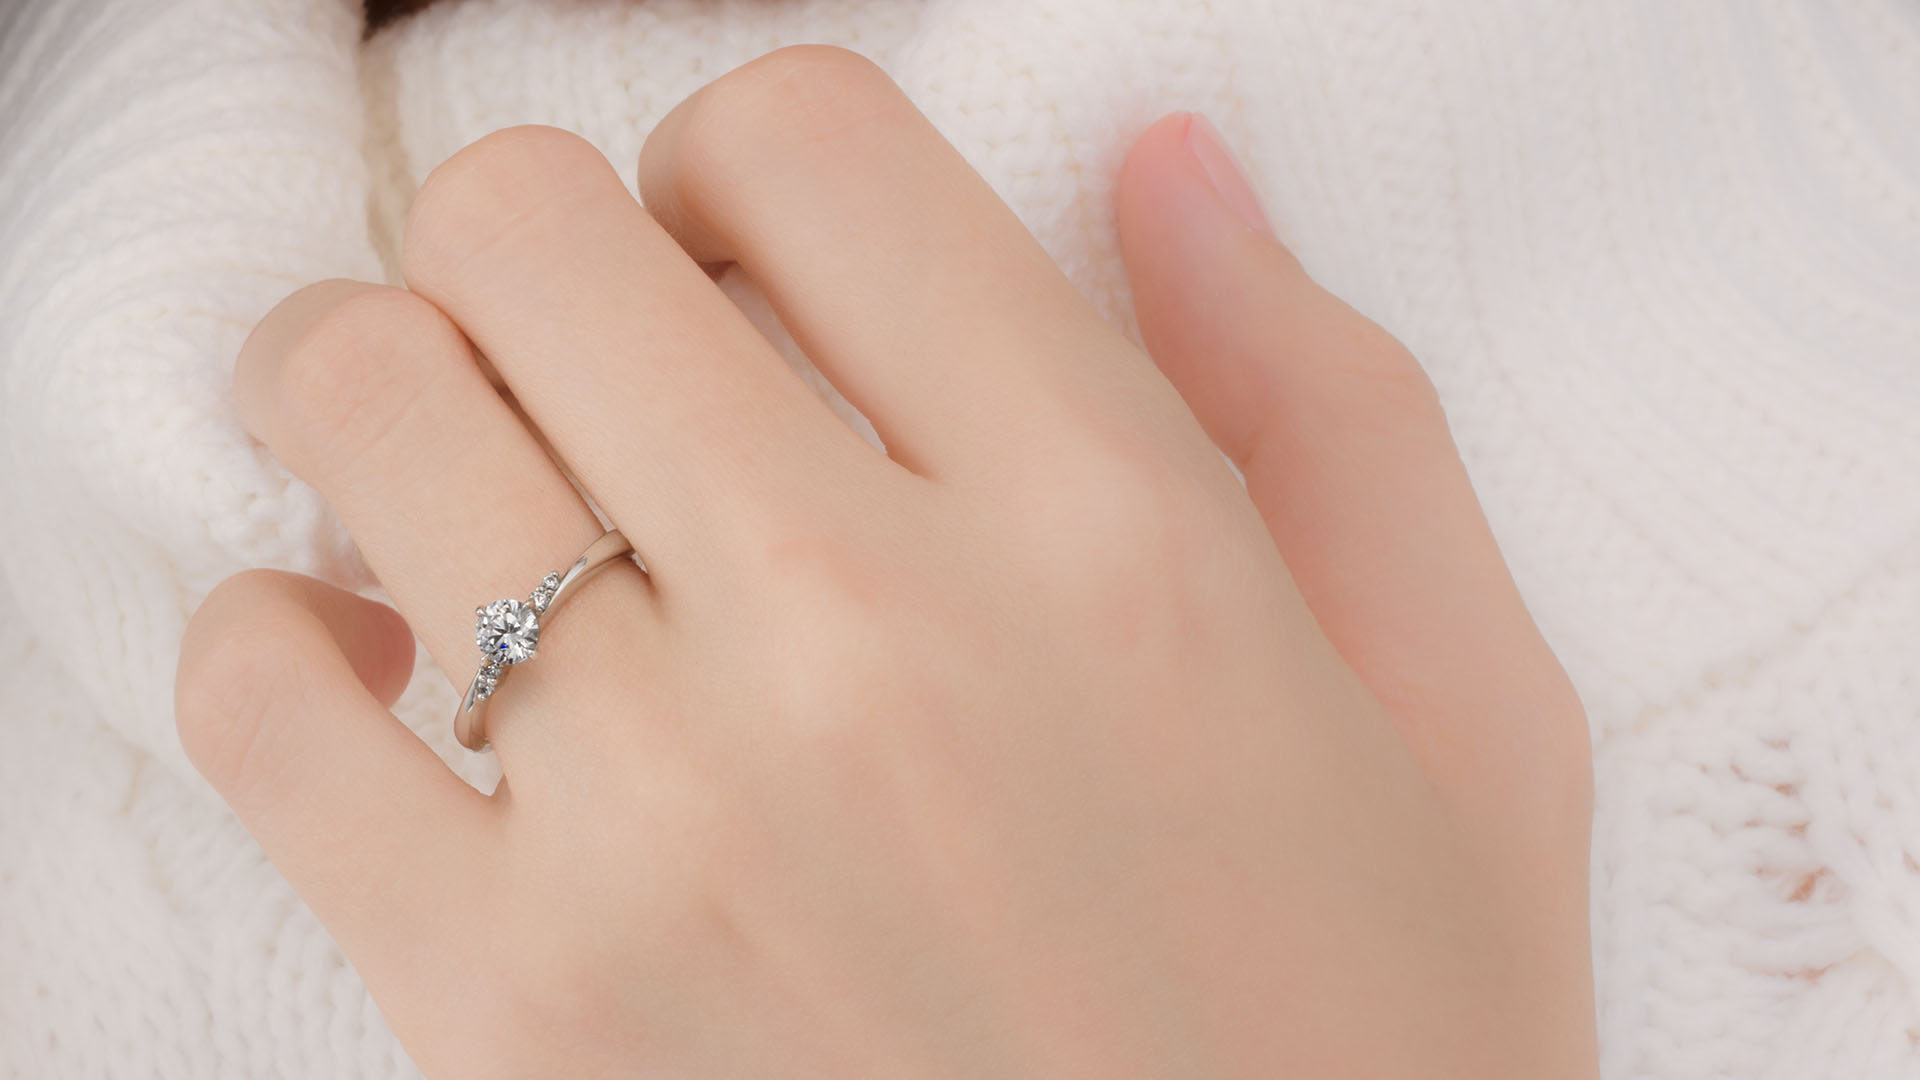 sagitta サジッタ | 婚約指輪サムネイル 4